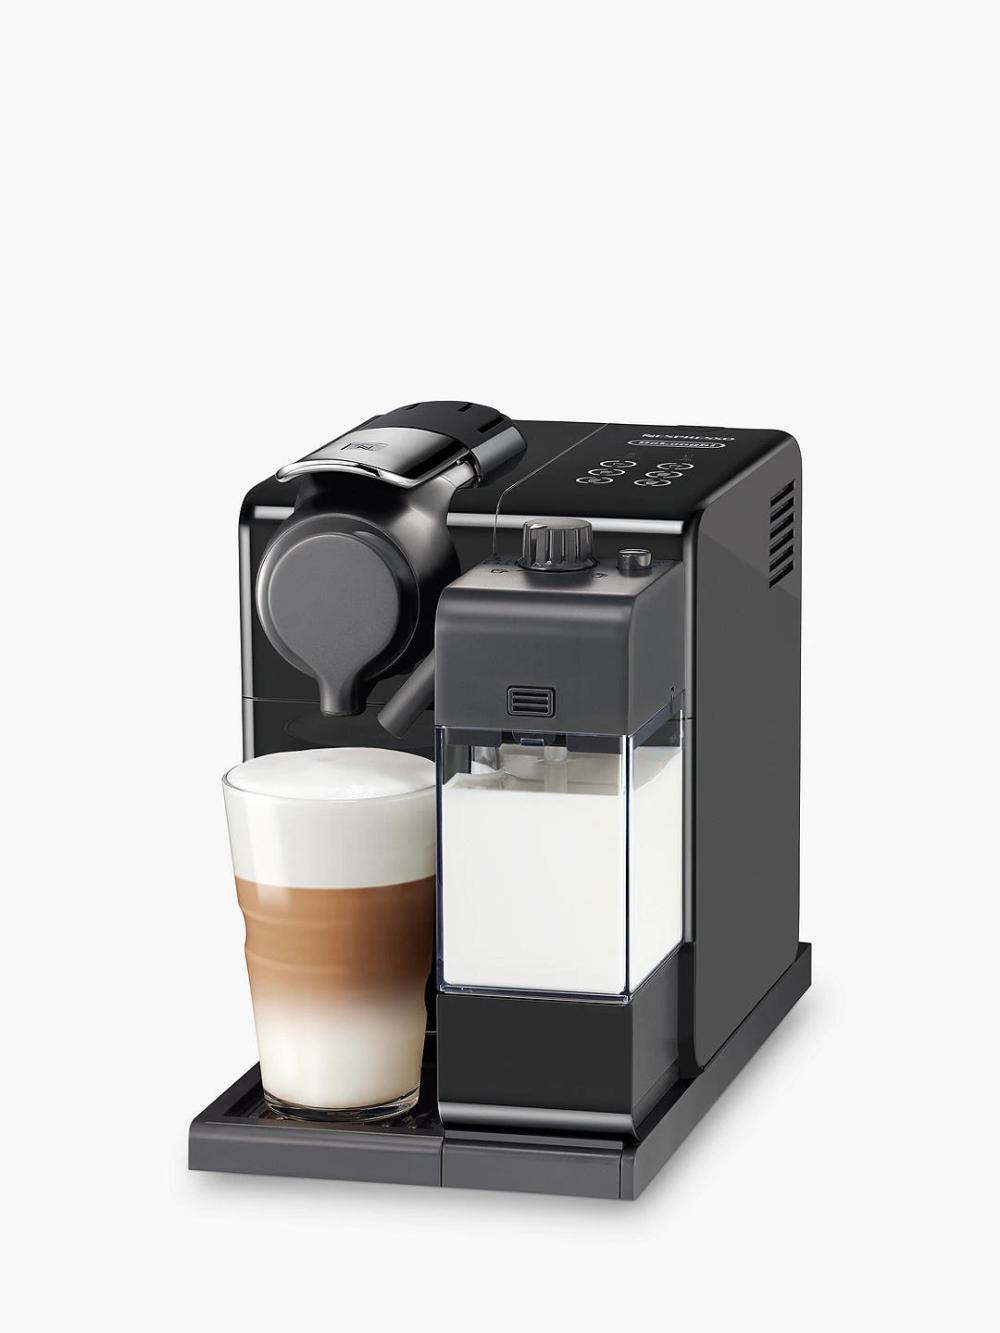 Nespresso Lattissima Touch Coffee Machine, Black in 2020 ...